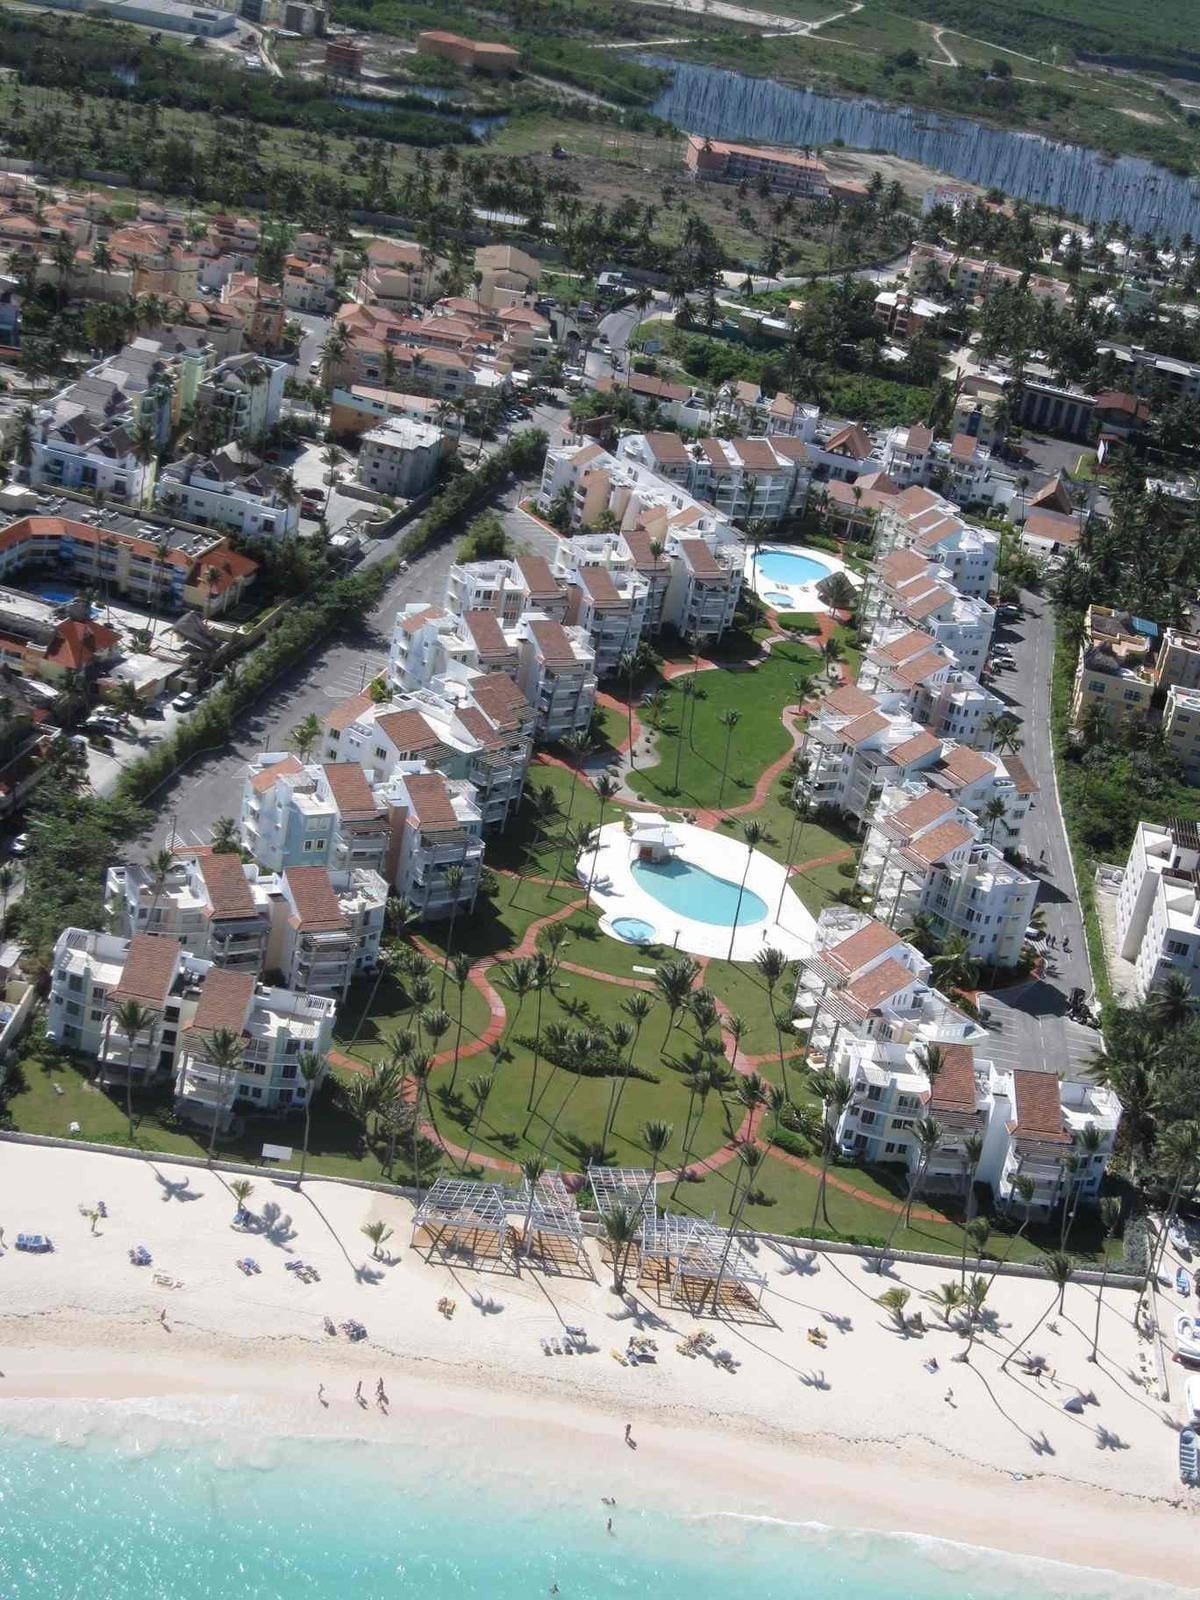 3 Habitaciones y 3 Baños Frente Océano.  El exclusivo resort Playa Turquesa Ocean Club conformado por 190 apartamentos de uno, dos y tres dormitorios divididos en 16 edificios de cuatro pisos con vista a la playa. Equipados con todas las comodidades, amplios y luminosos, los apartamentos pueden tener vista océano u a la piscina. Aire acondicionado en cada habitación y acabados de calidad con grandes terrazas para relajarse en cualquier momento del día. Ascensores en cada edificio y estacionamientos asignados.  El proyecto cuenta con dos piscinas para adultos, dos para niños, un bar con piscina y un Beach Club en una playa de arena blanca, con un restaurante y tumbonas para completar la oferta durante su estancia. En detalle: •Recepcion / Conserje •Seguridad 24 horas •Mantenimiento general •Tratamiento de agua con osmosis inversa •Zona comercial: tiendas, farmacia, supermercado y restaurantes •Titulos de propiedad disponibles - Financiación - Exenciones fiscales hasta 2024  A parte, estan disponibles: •Conexion a Internet •Excursiones •Servicio de limpieza •Transporte  Bavaro _ Punta Cana área está suplida por dos aeropuertos internacionales: Punta Cana (18 km) Y La Romana (80 km), lo que la hace accesible para cualquier parte del mundo.